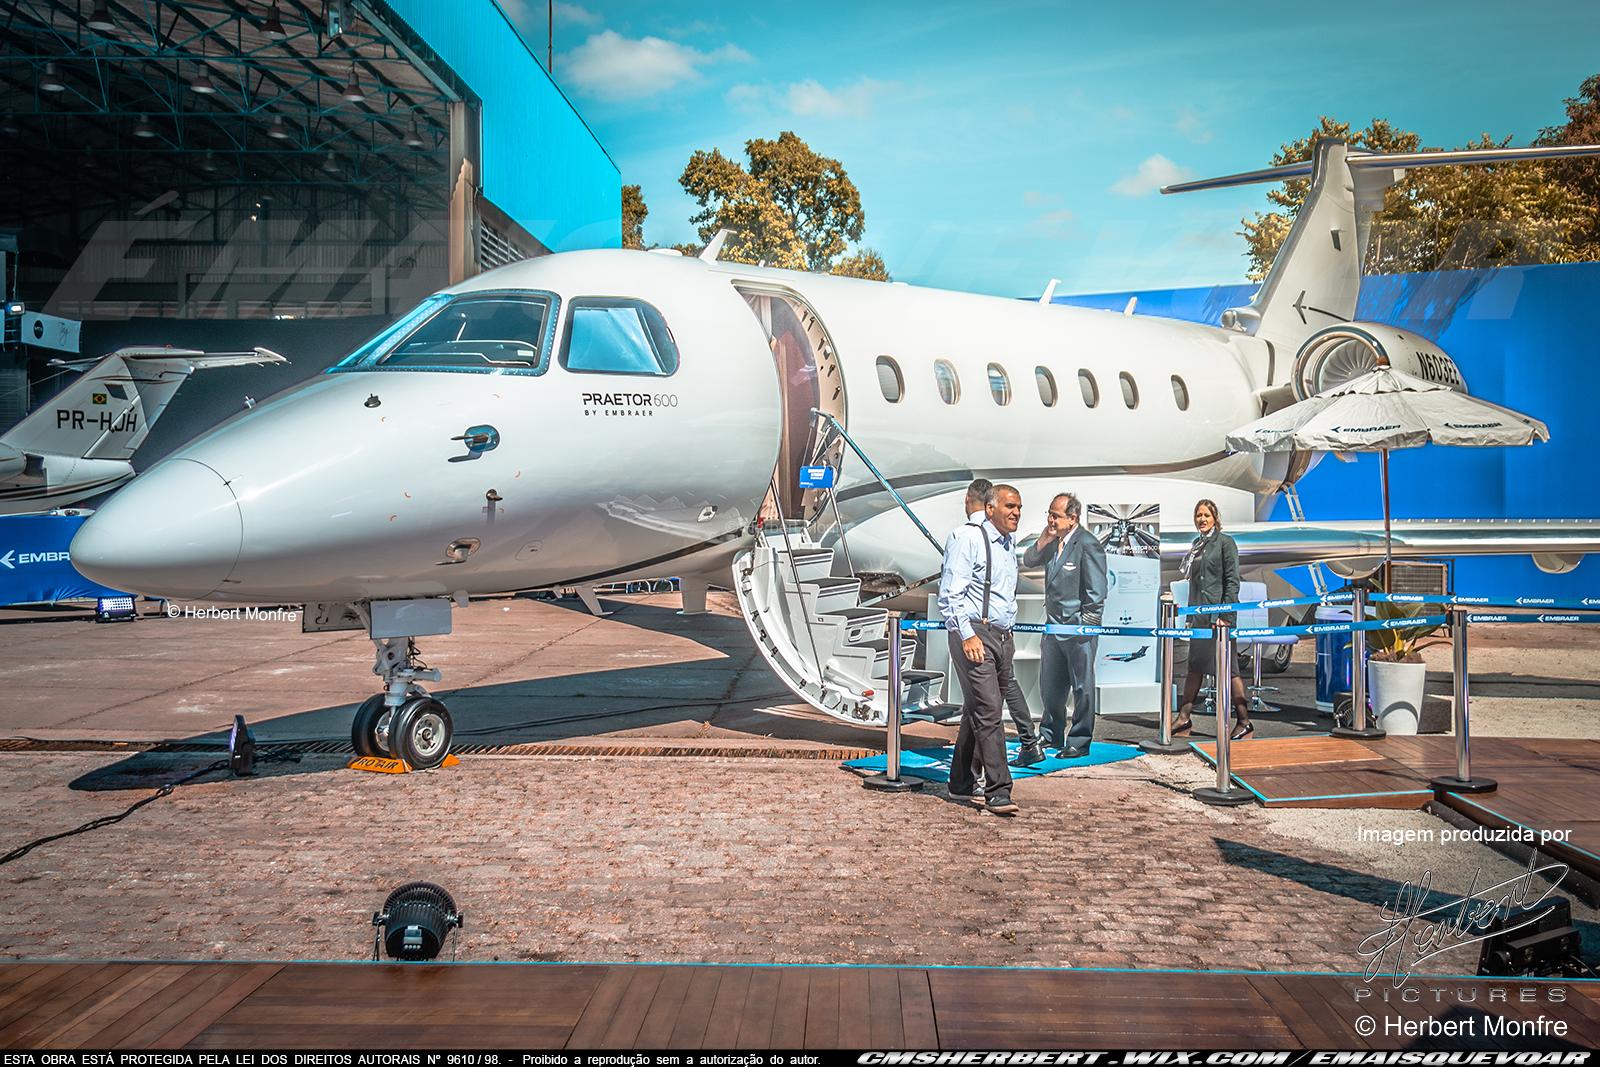 Embraer Praetor 600 | N603EE | Foto © Herbert Monfre - Contrate o fotógrafo em cmsherbert@hotmail.com | by É MAIS QUE VOAR | LABACE 2019